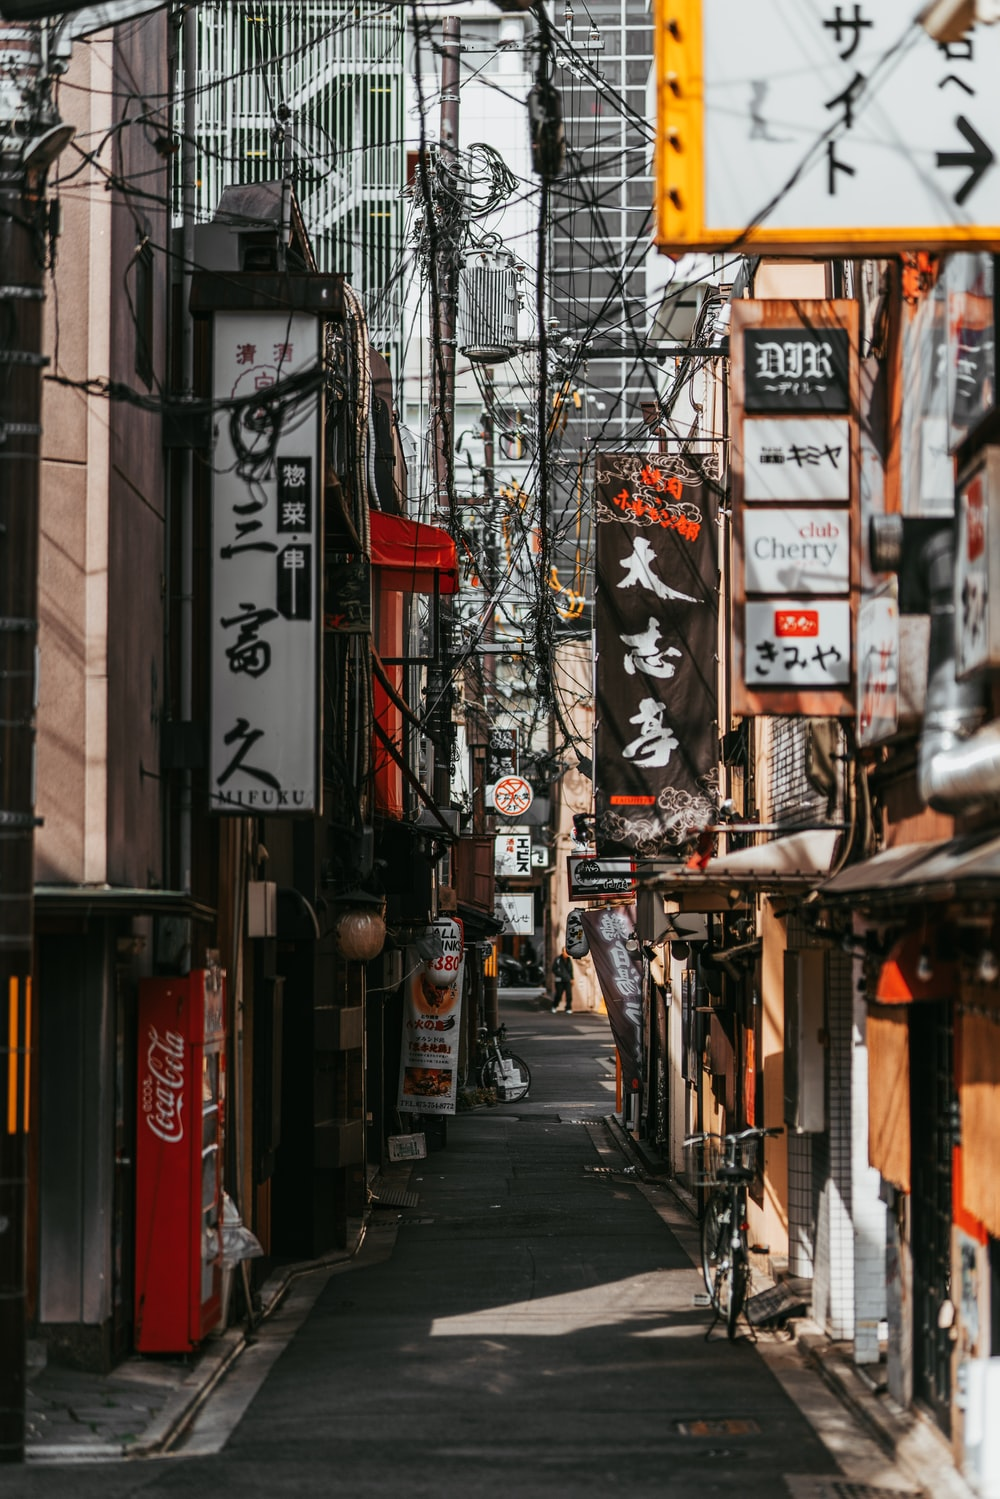 empty pathway between storefronts